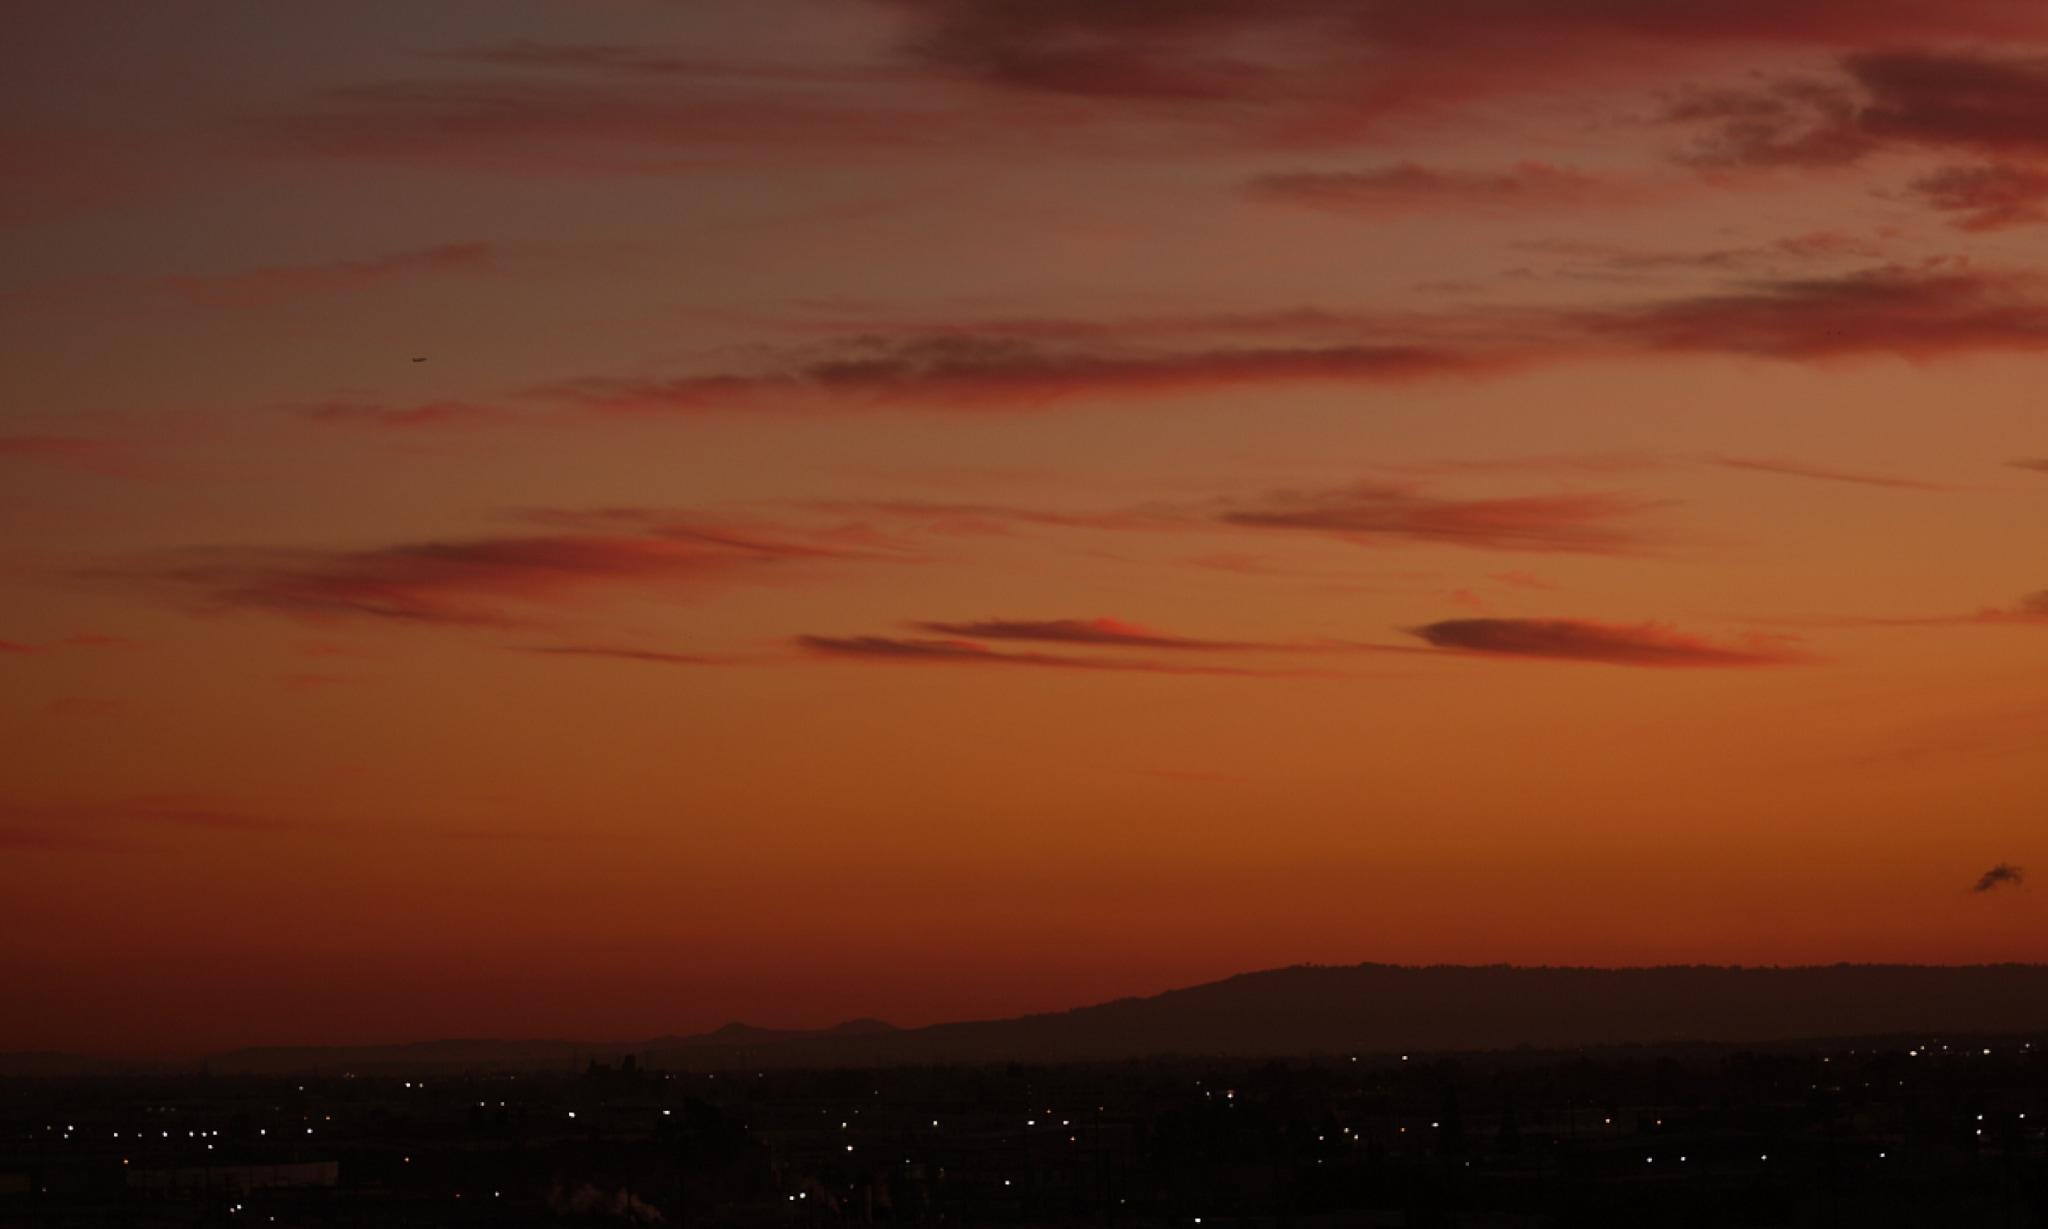 An orange evening sky at sunset.